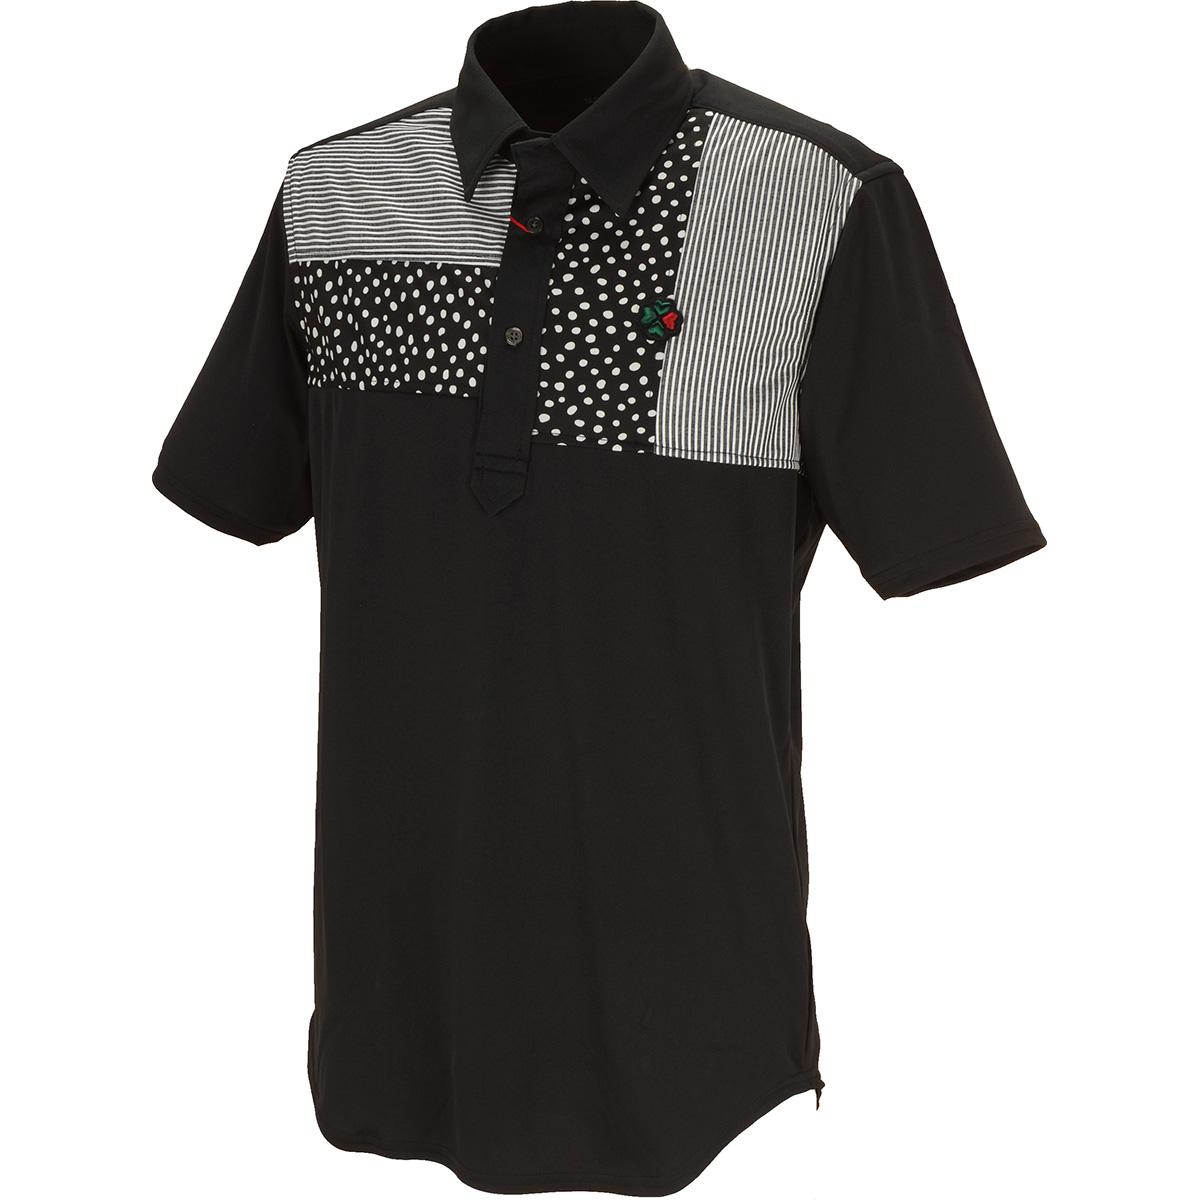 セパレーテッド半袖ポロシャツ